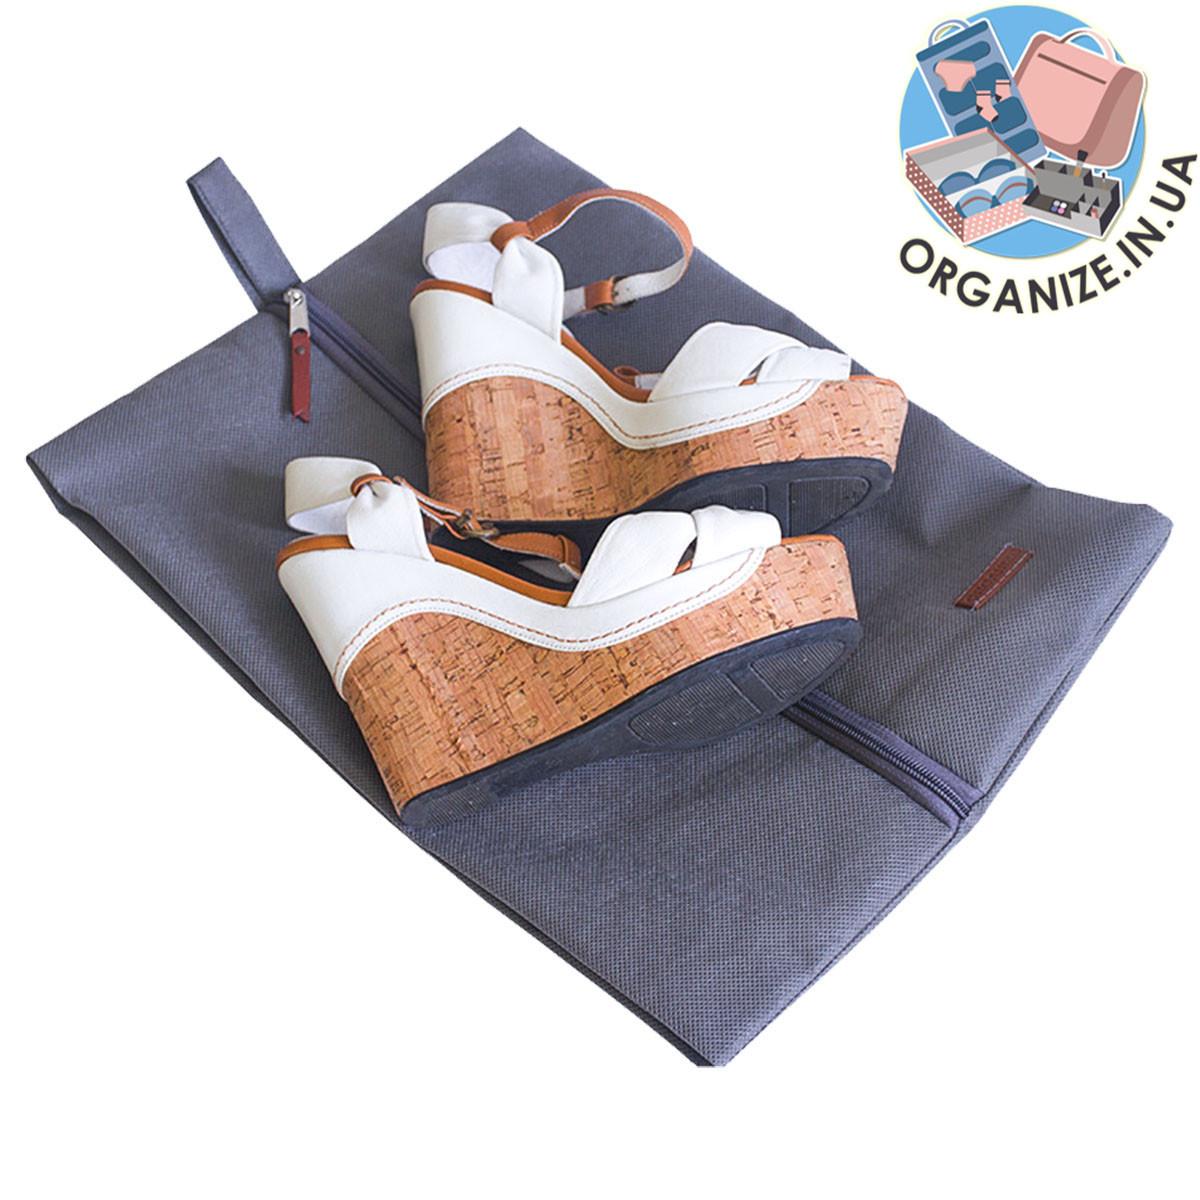 Объемный пыльник для обуви ORGANIZE (серый)